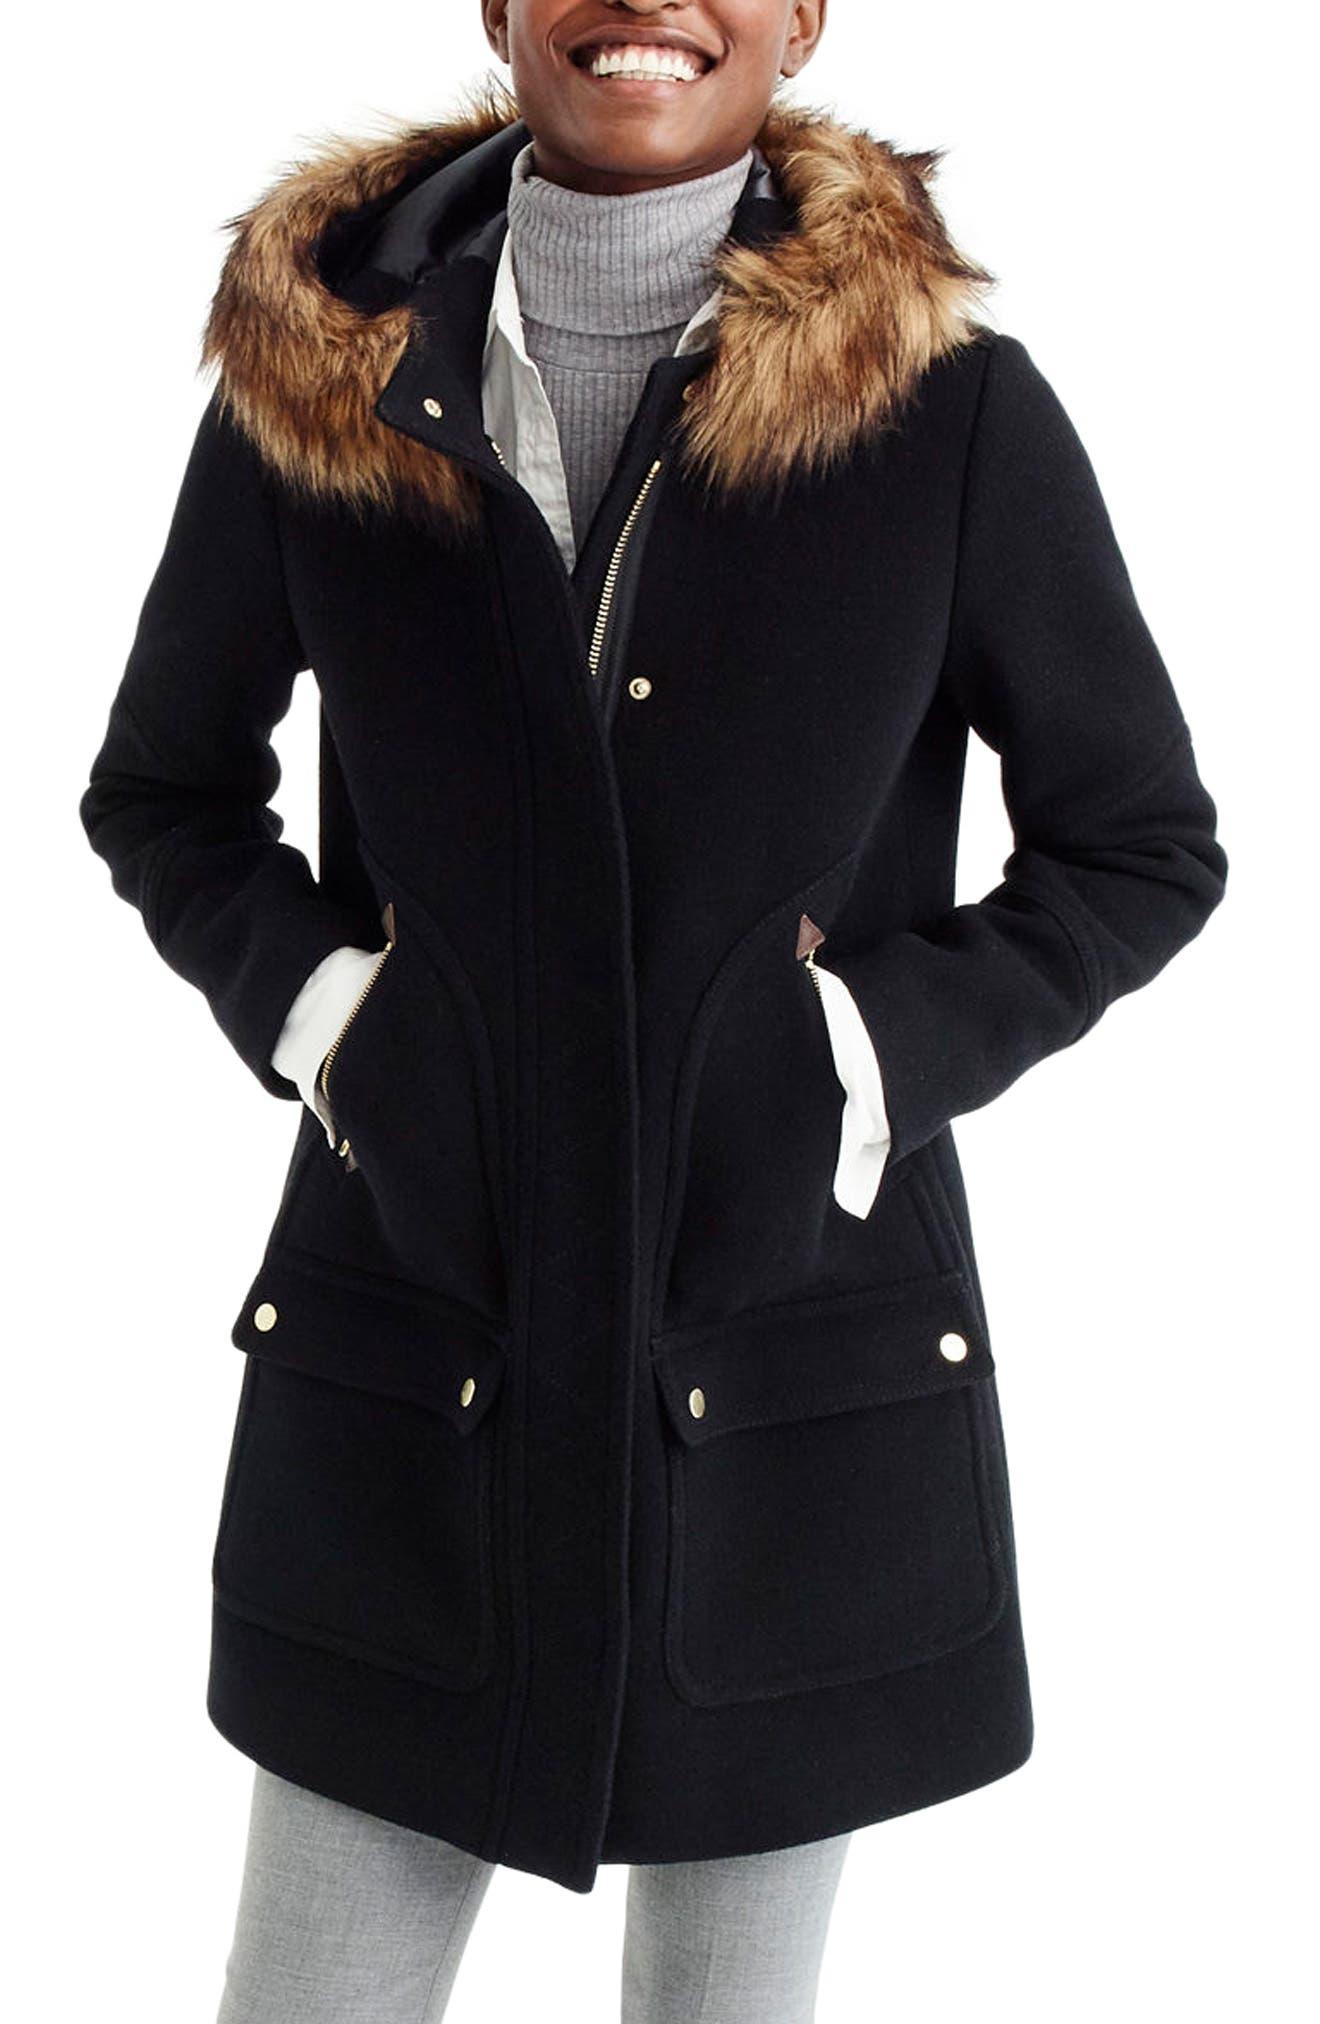 women s coats jackets nordstrom #1: